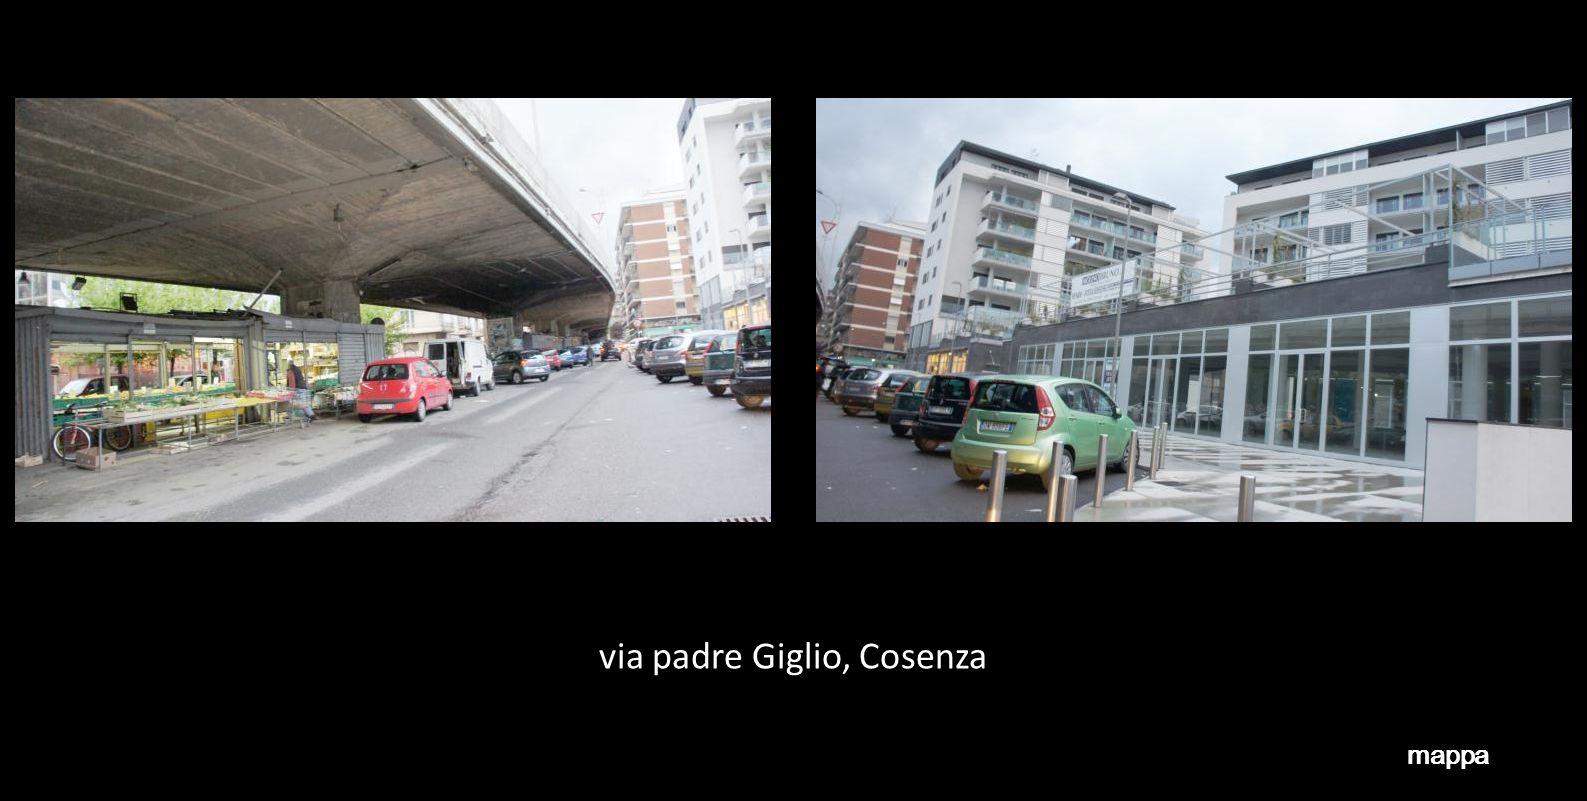 via padre Giglio, Cosenza